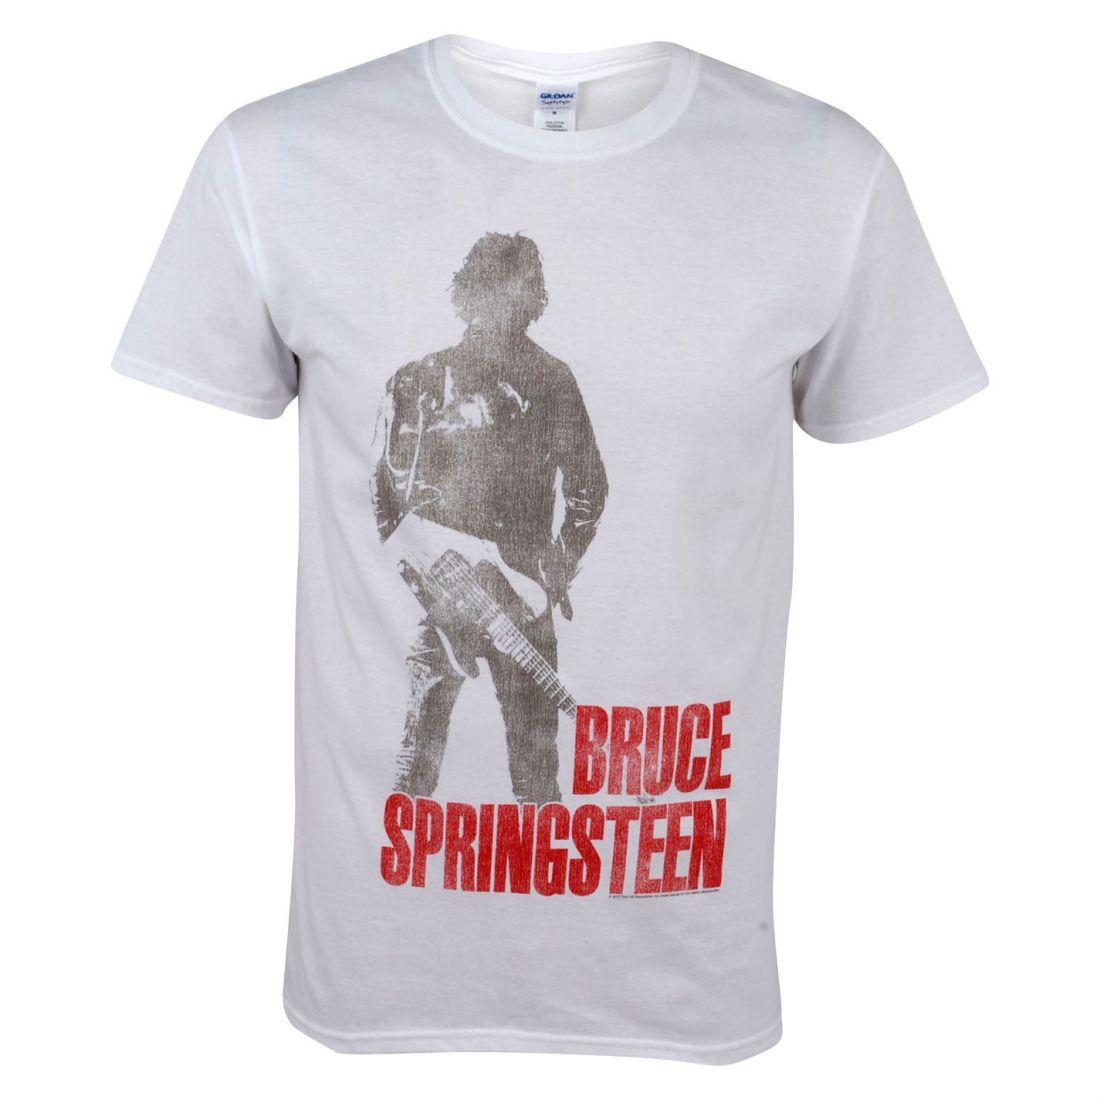 Officiel Hommes Gents Bruce Springsteen T-Shirt chaud ras du cou à manches courtes Top Vêtements